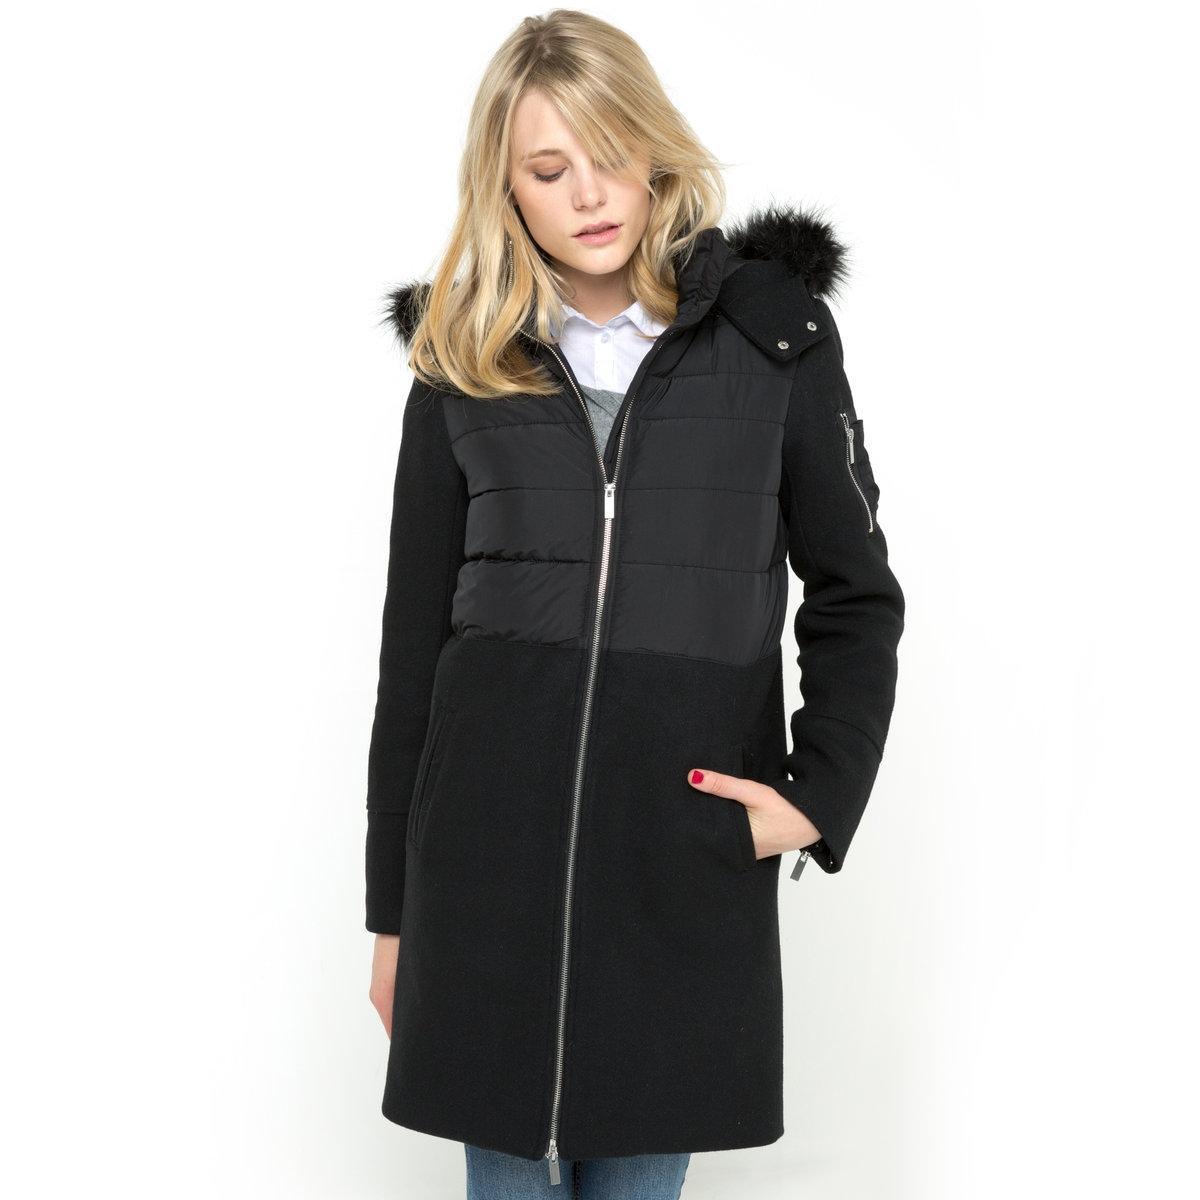 Пальто из двух материаловПальто из двух материалов SOFT GREY.Оригинальное, стильное и при этом очень удобное зимнее пальто из двух материалов со съемным капюшоном, отороченнным искусственным мехом. Верхняя часть корпуса из стеганого материала, нижняя часть корпуса и манжеты из шерстяного драпа. Застежка на молнию спереди. Высокий воротник с застежкой на кнопки. Съемный капюшон оторочен искусственным мехом. Низ рукавов с молниями. 2 боковых кармана, 1 карман на рукаве. Длина 90 см. Материал верхней части корпуса: 100% полиэстера. Материал нижней части корпуса и рукавов: 50% шерсти, 40% полиэстера, 5% полиамида и 5% других волокон.<br><br>Цвет: черный